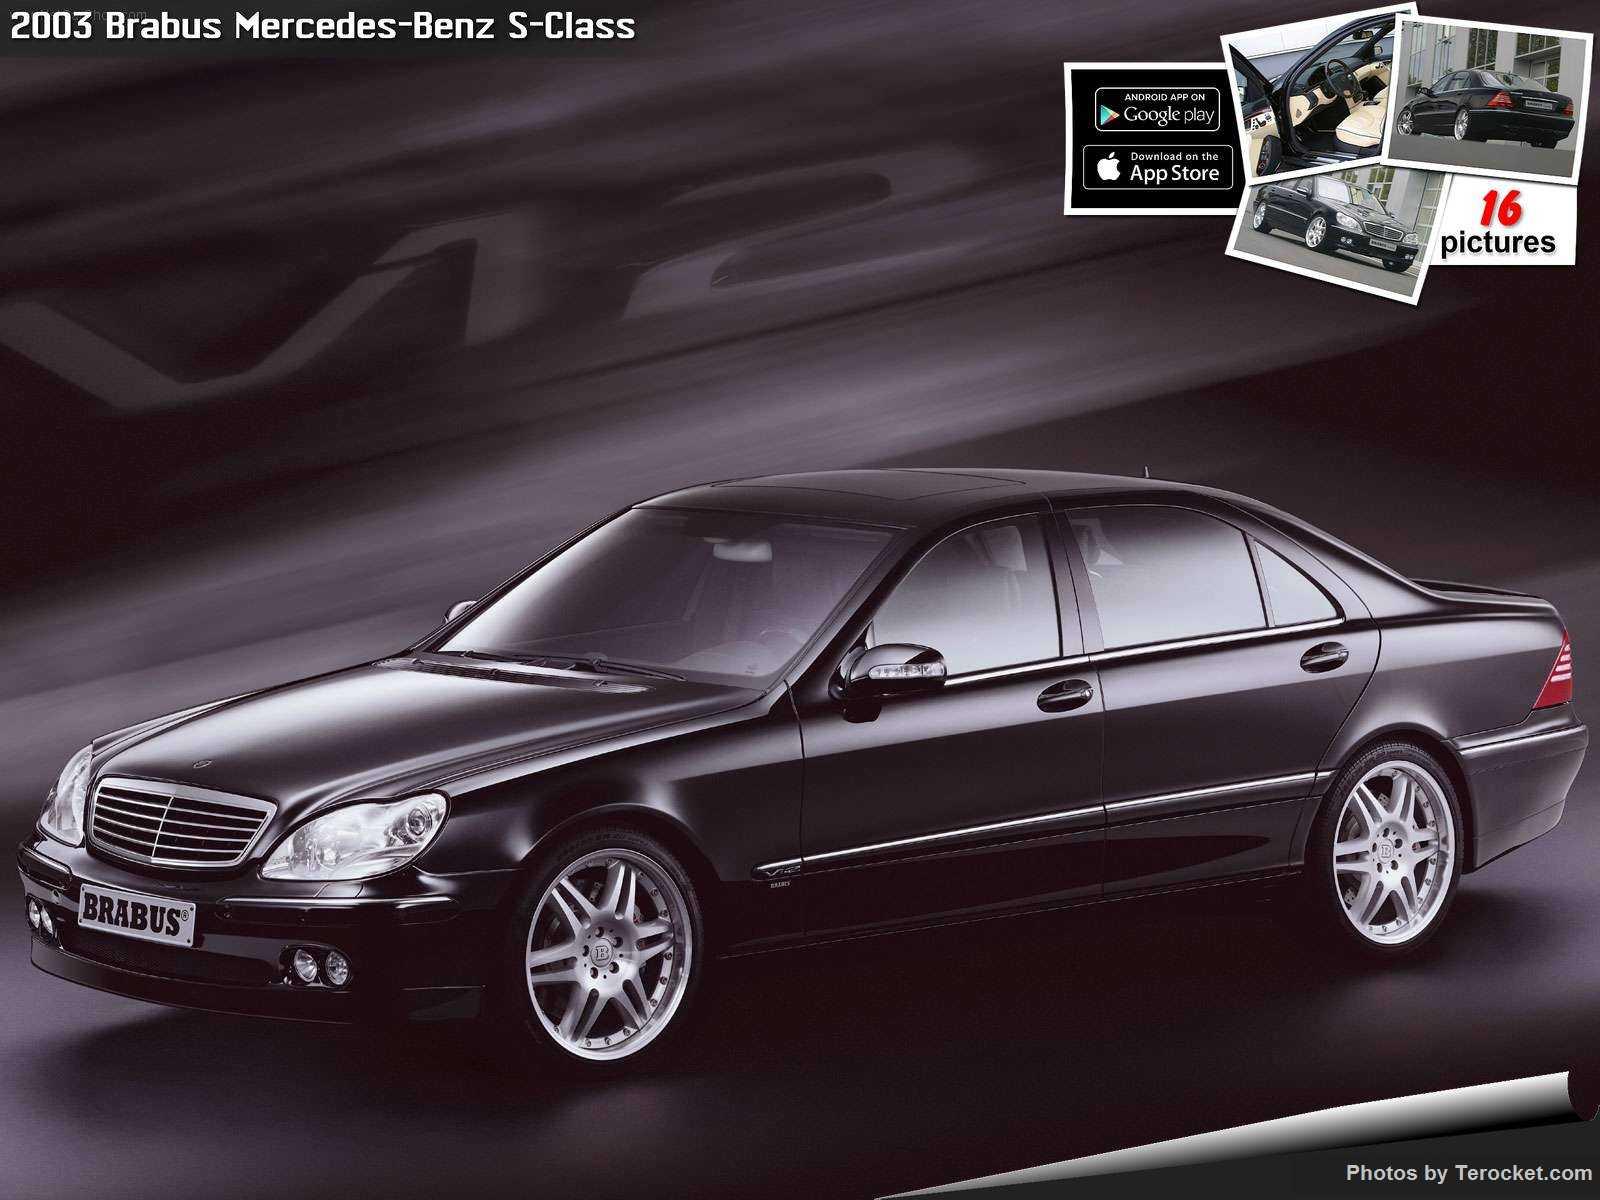 Hình ảnh xe ô tô Brabus Mercedes-Benz S-Class 2003 & nội ngoại thất